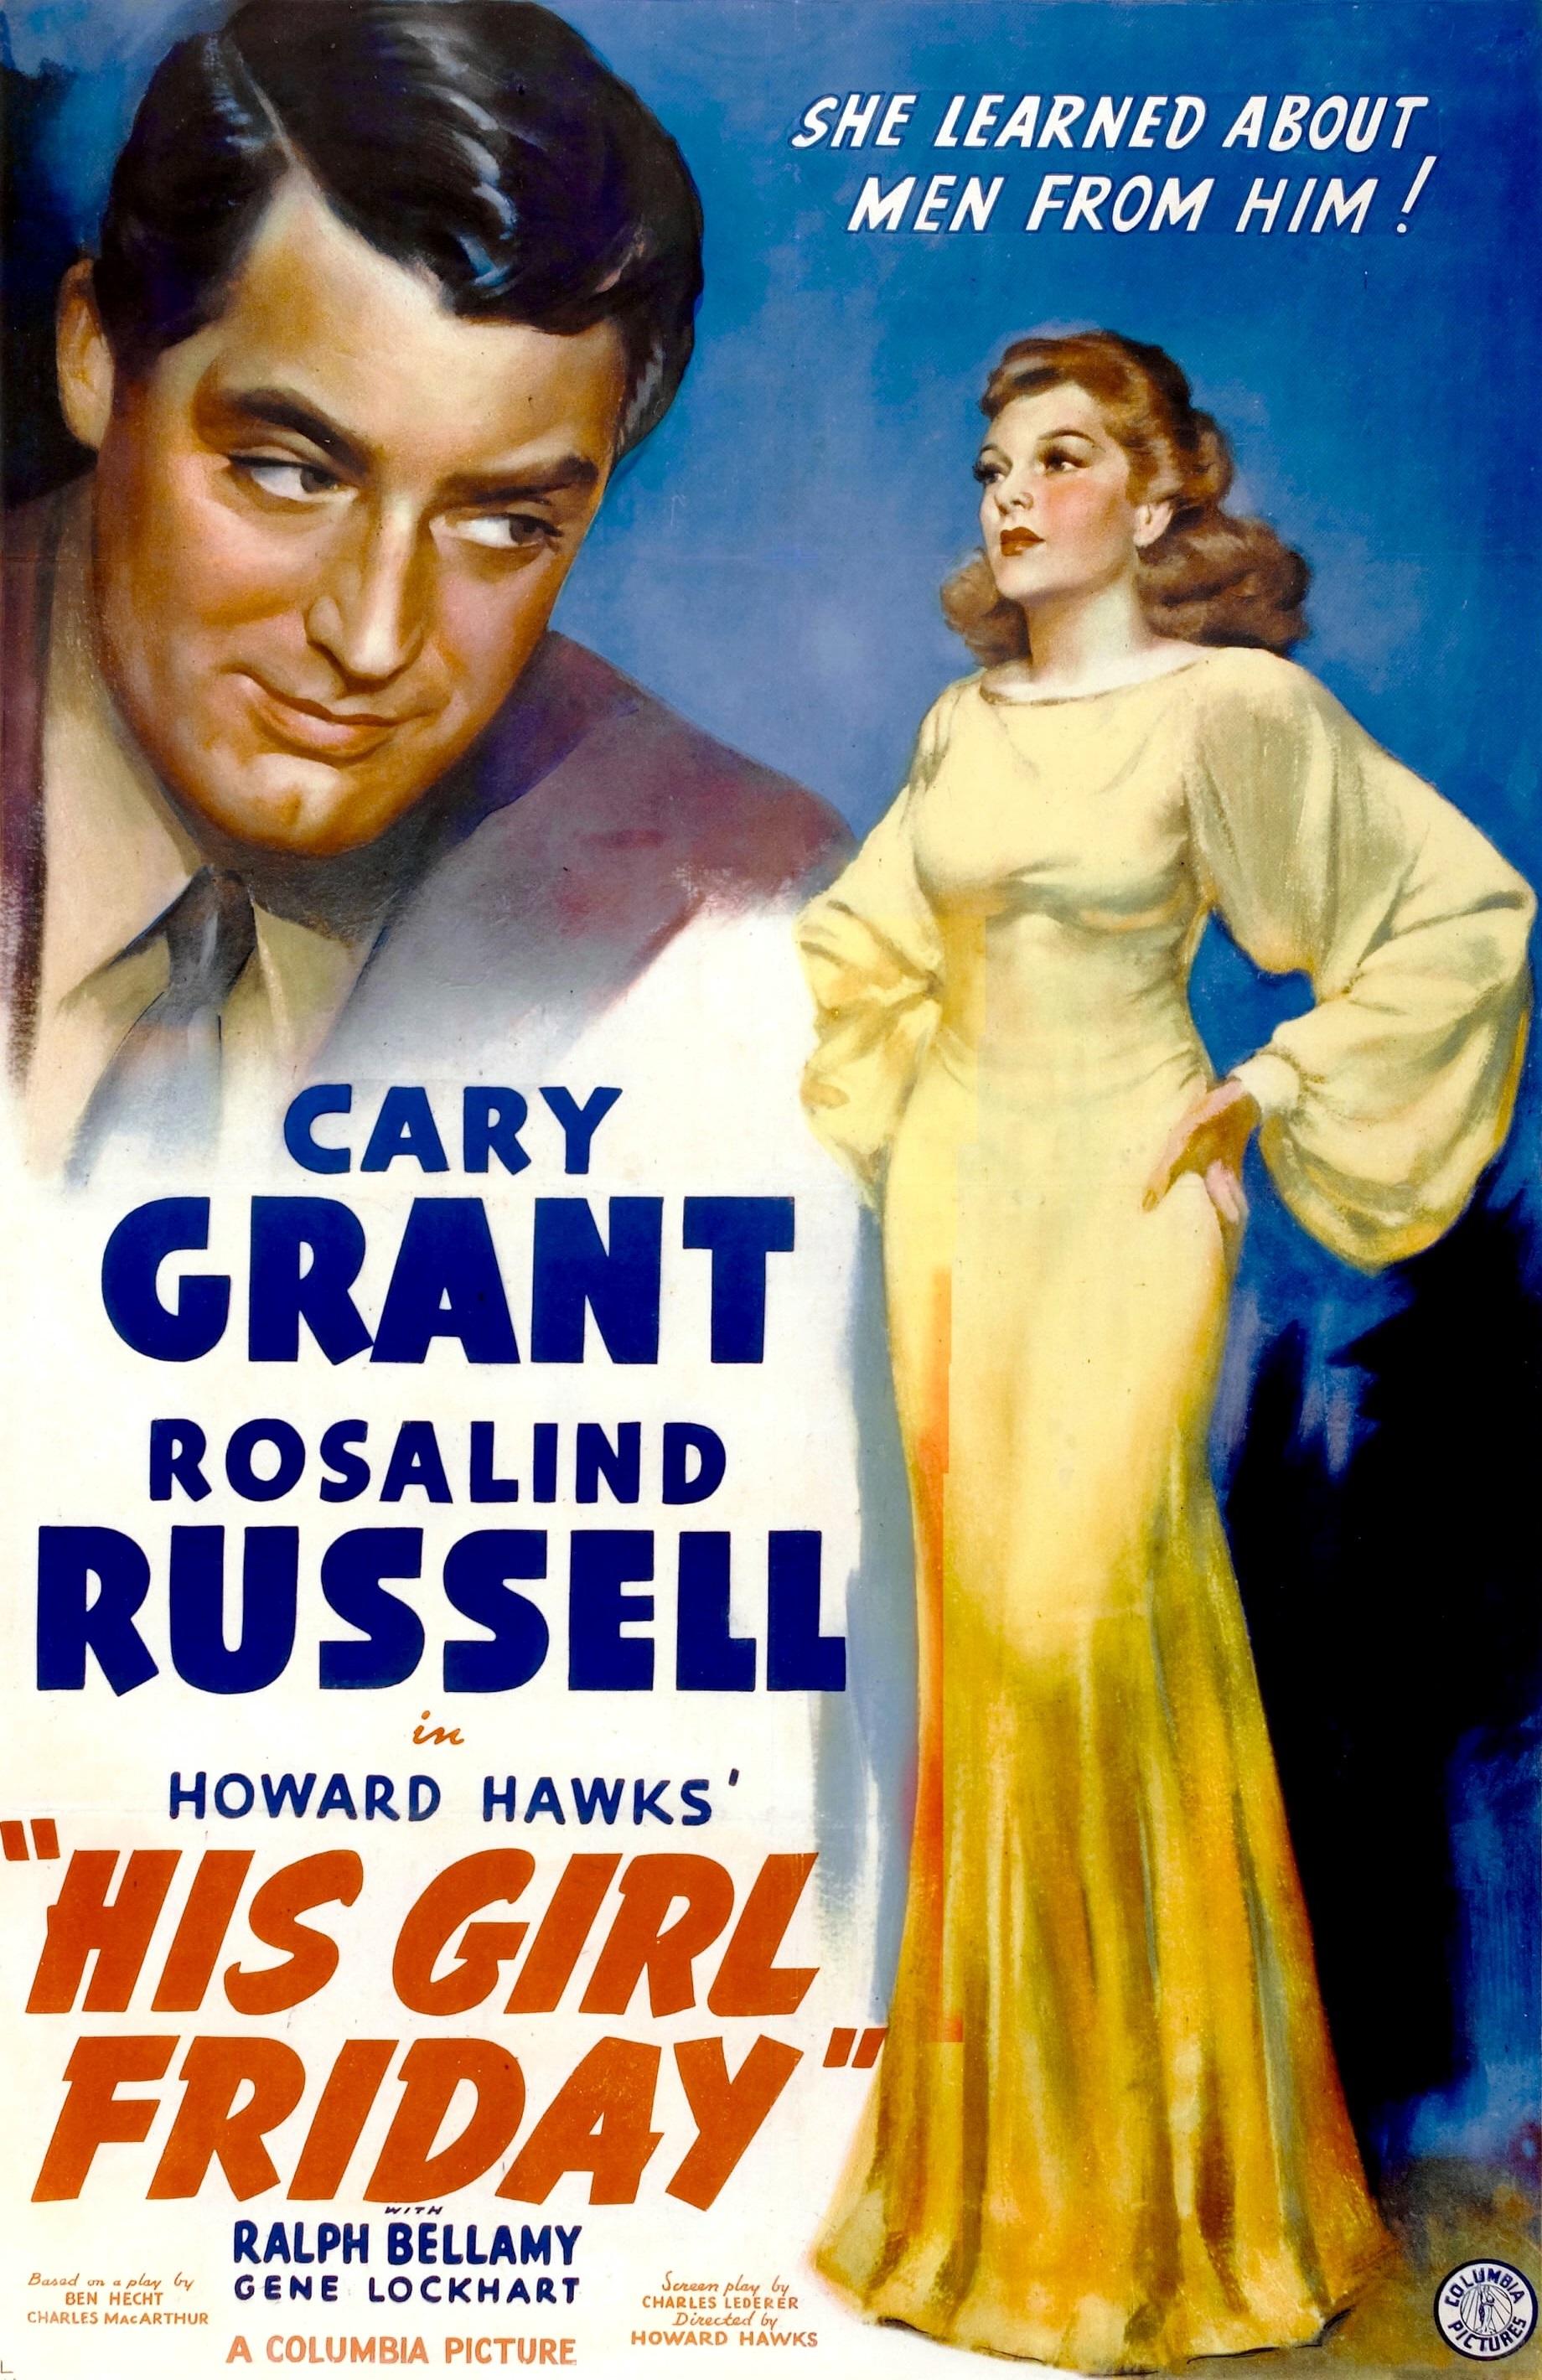 His Girl Friday (1940) - IMDb